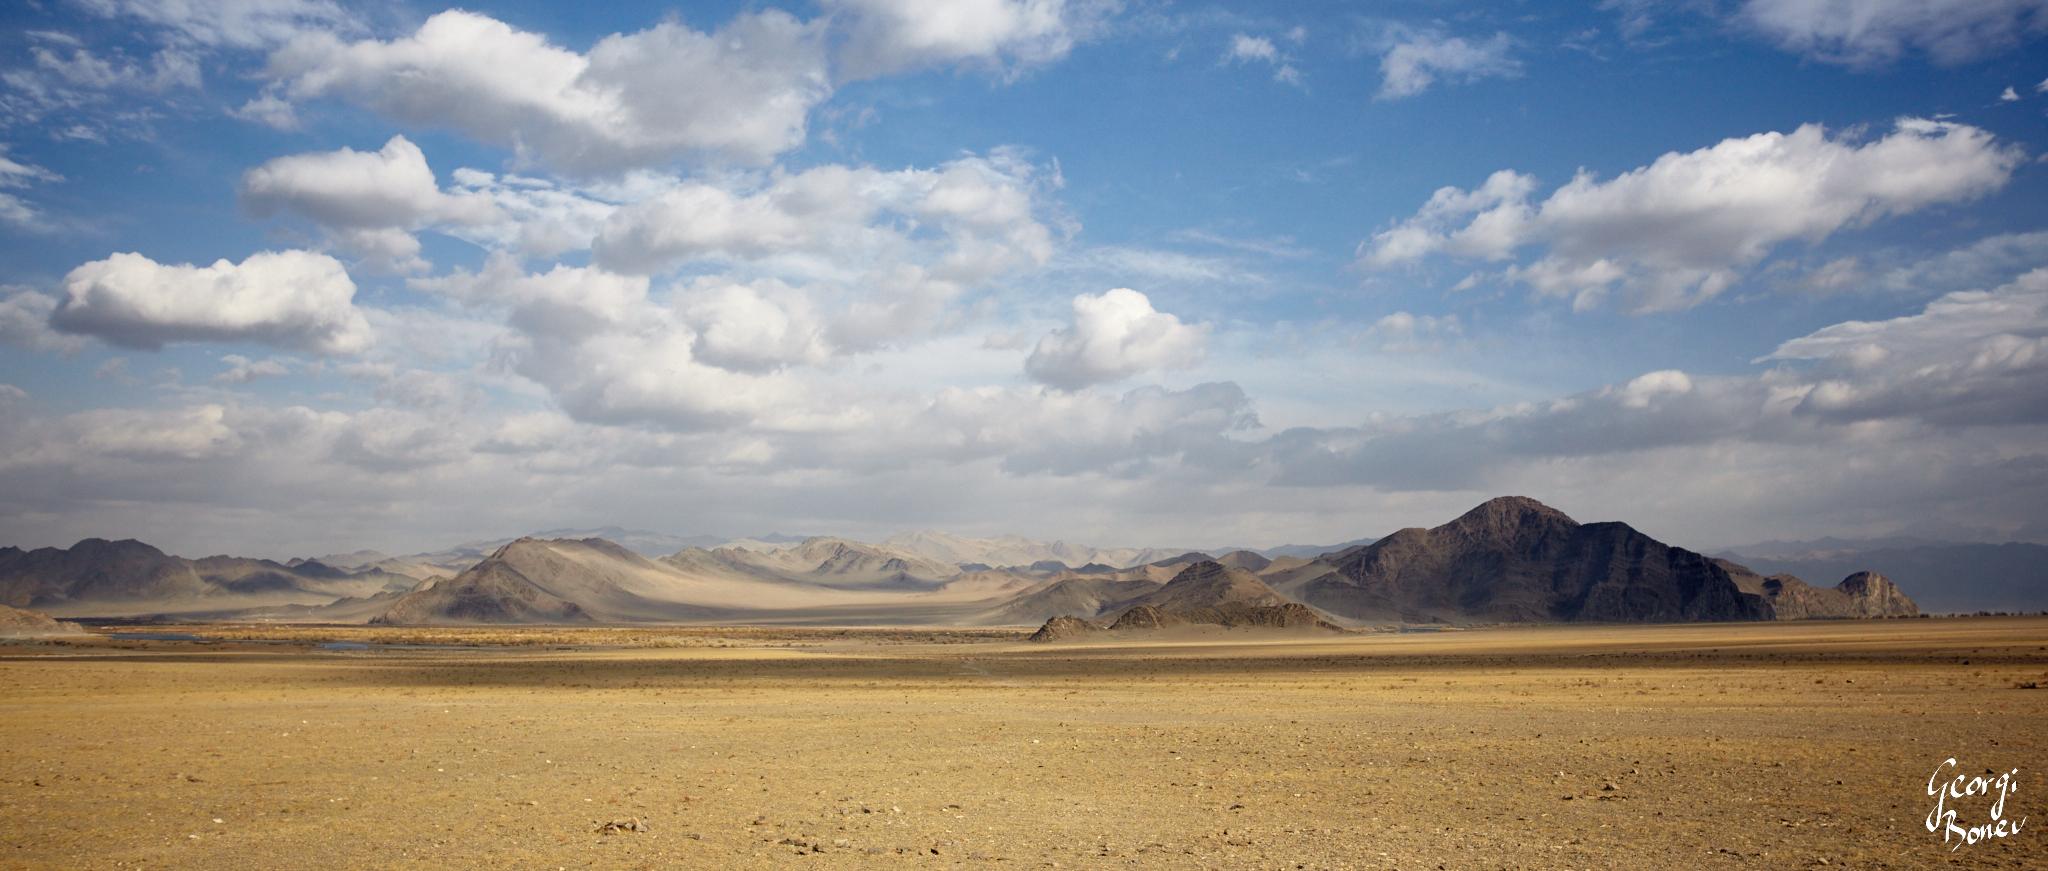 Altai Mountain in Mongolia